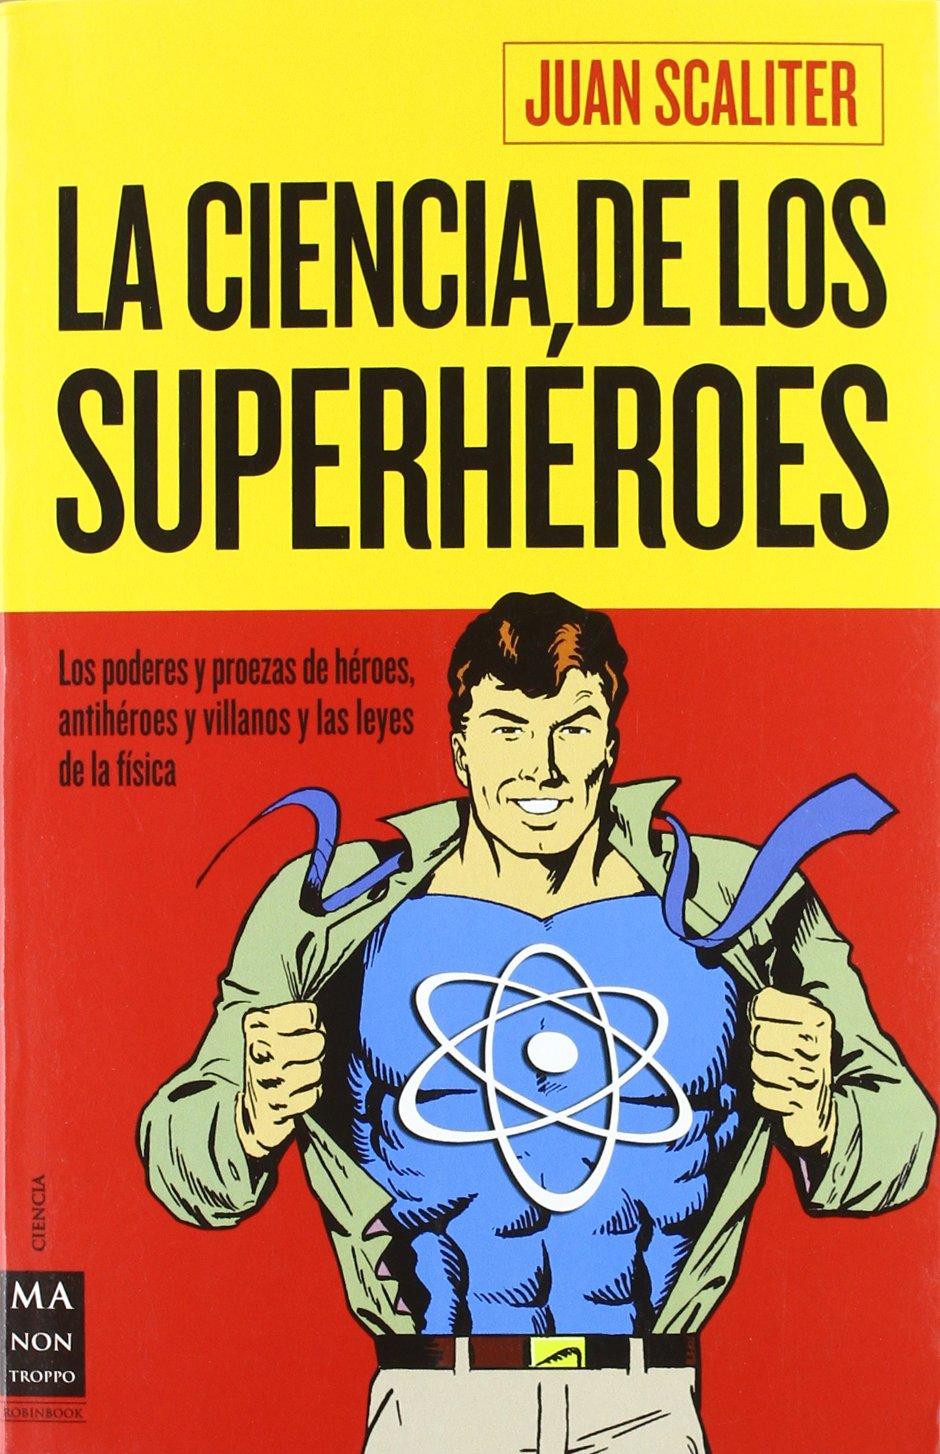 SUPERHEROES CIENCIA Estuche 3 vol.Manontroppo: 9788415256250 ...